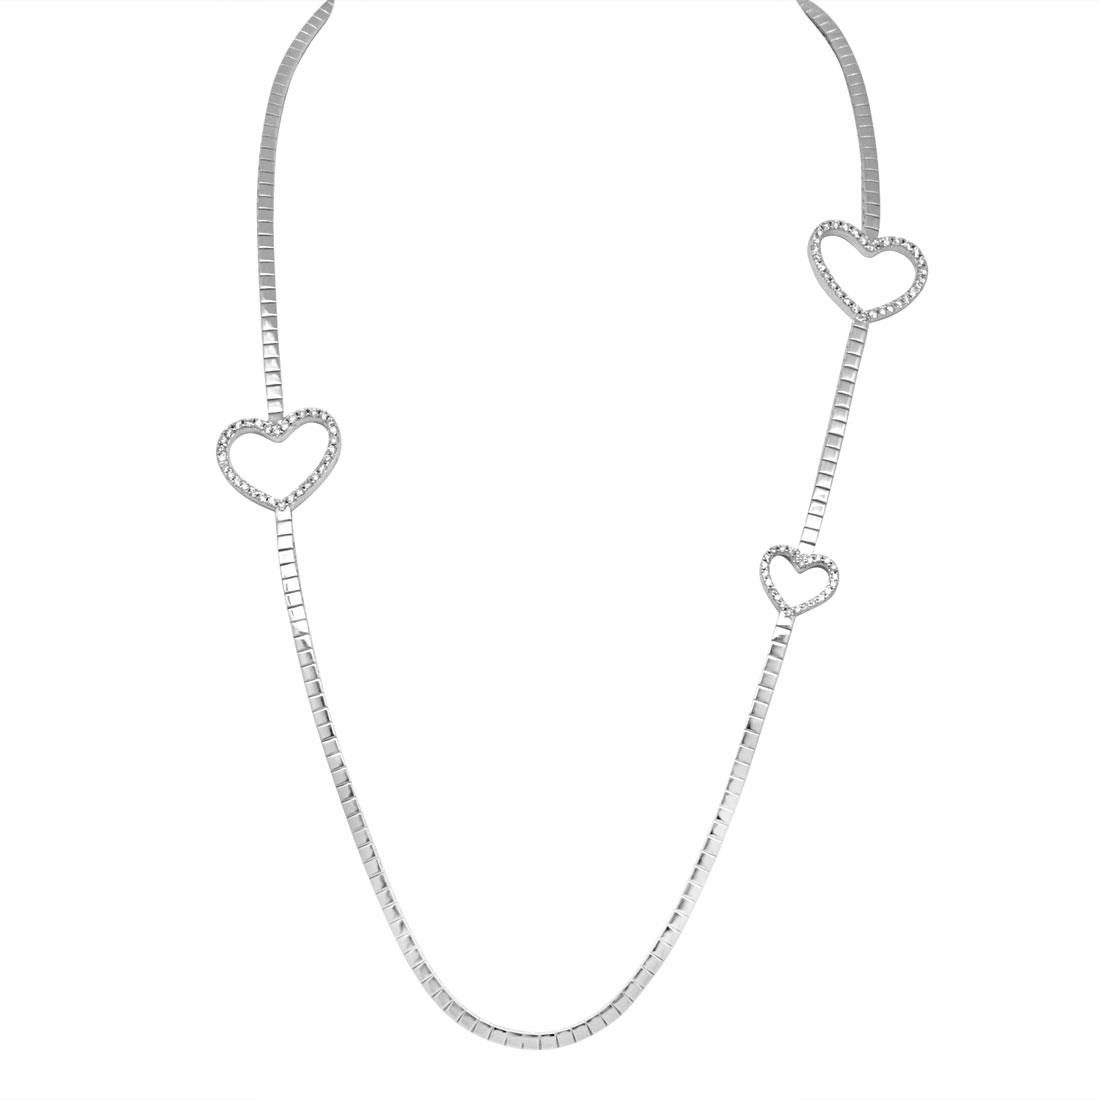 Collana in oro bianco con diamanti ct 0.70, lunghezza 65cm - ALFIERI ST JOHN